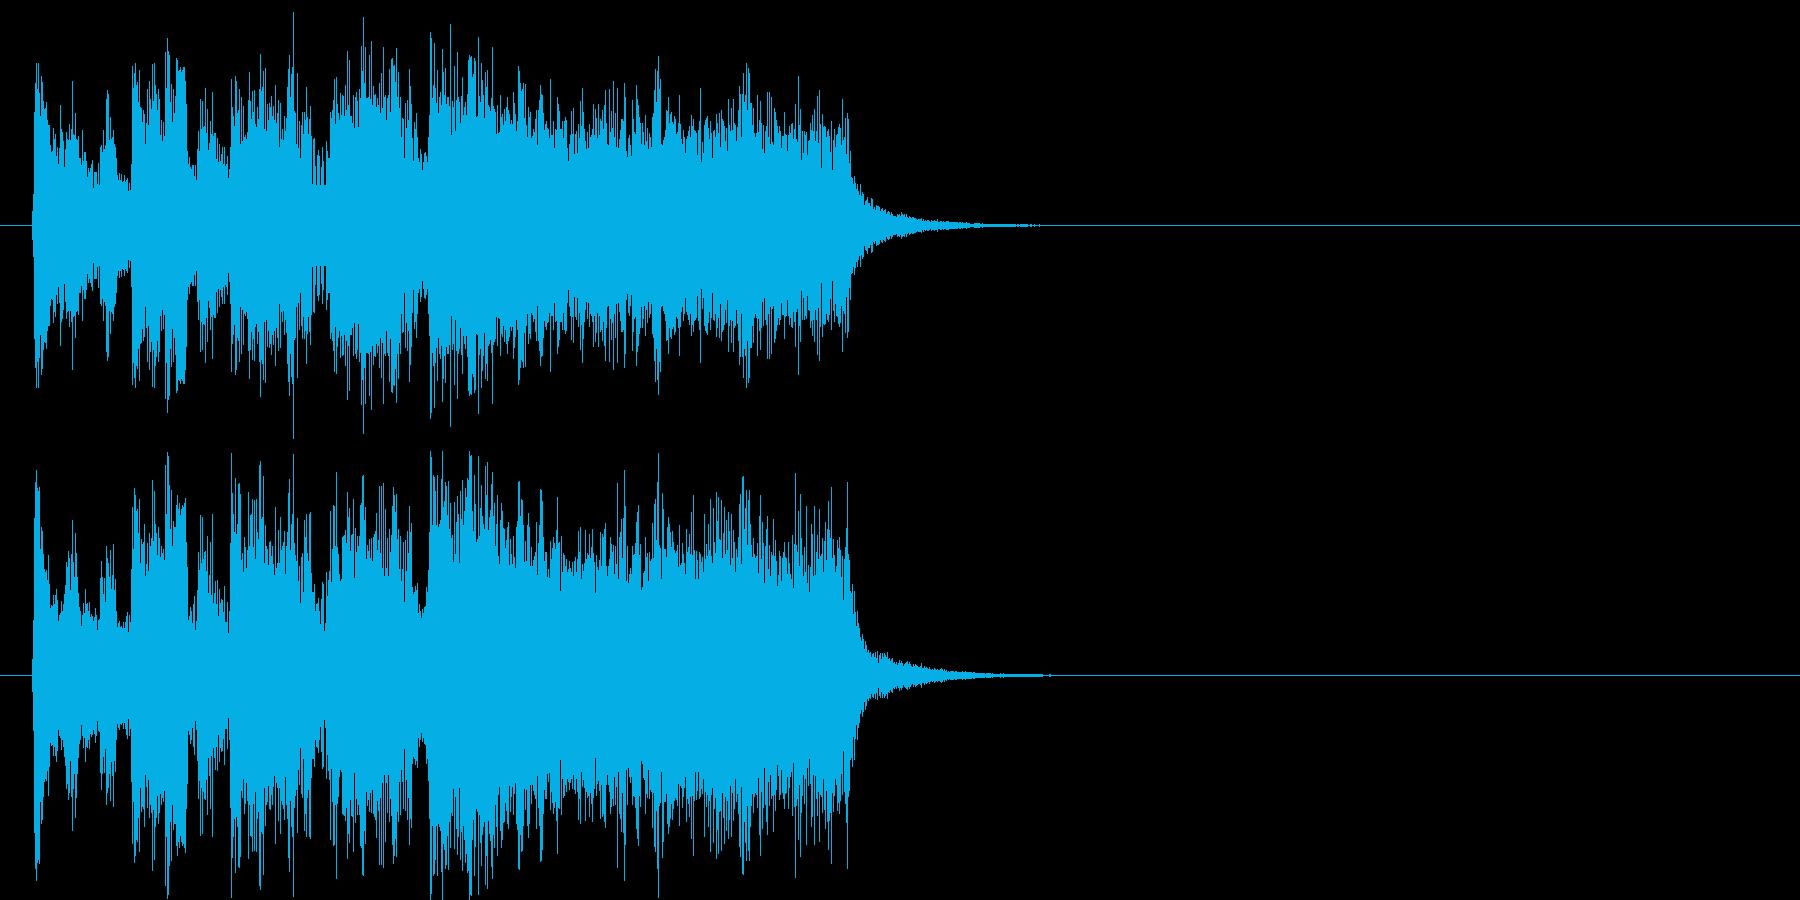 ファンファーレ 登場 イベント コミカルの再生済みの波形